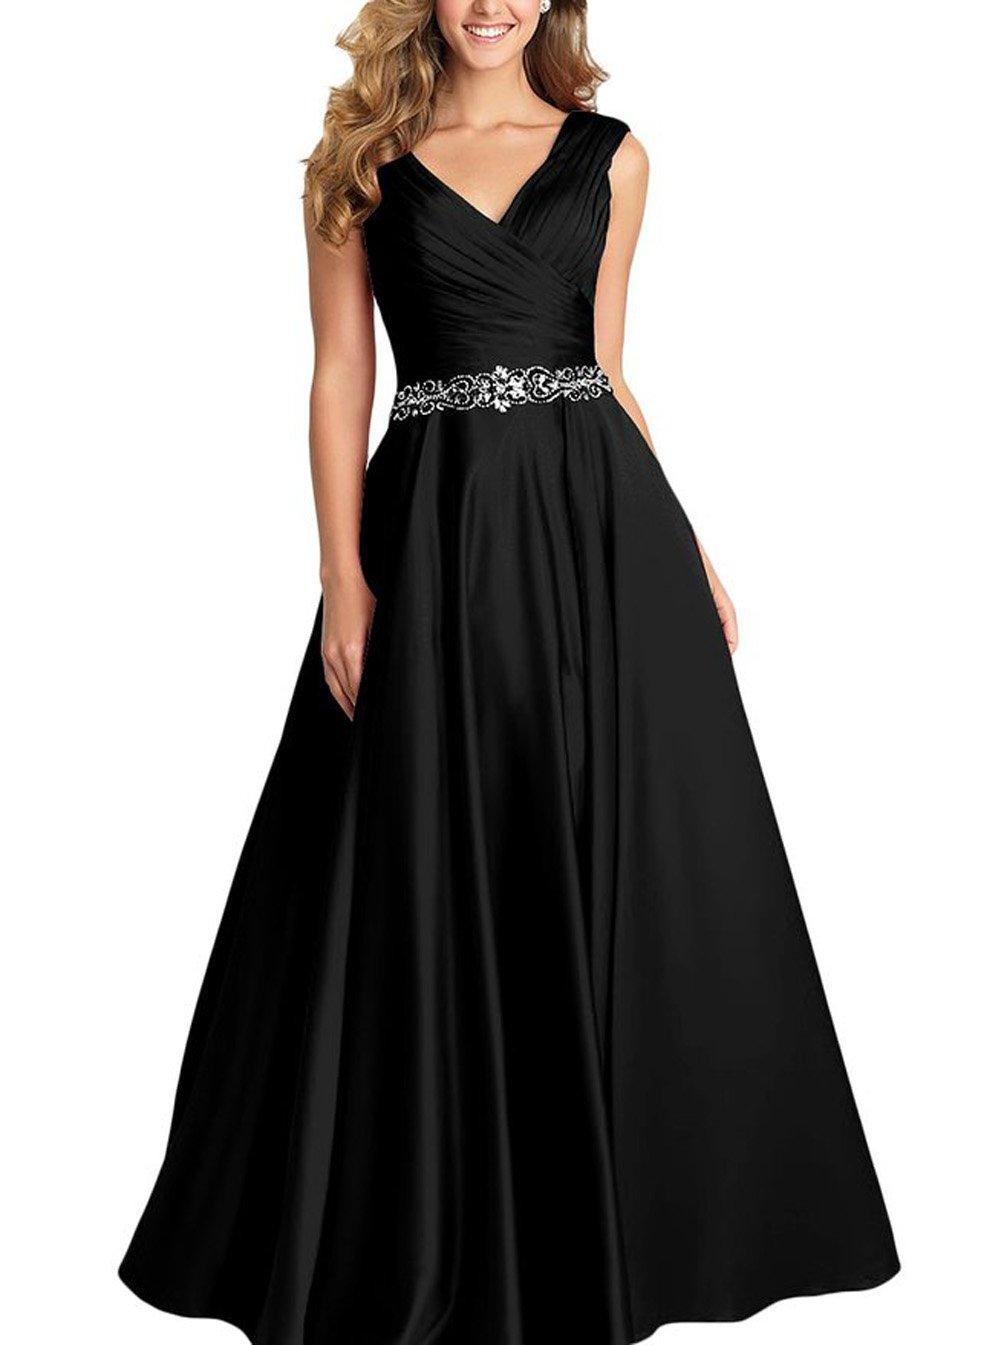 b8503bb6f11b Ruiyuhong Long V Neck Ruched Formal Prom Dress Evening Gown (22W Black)